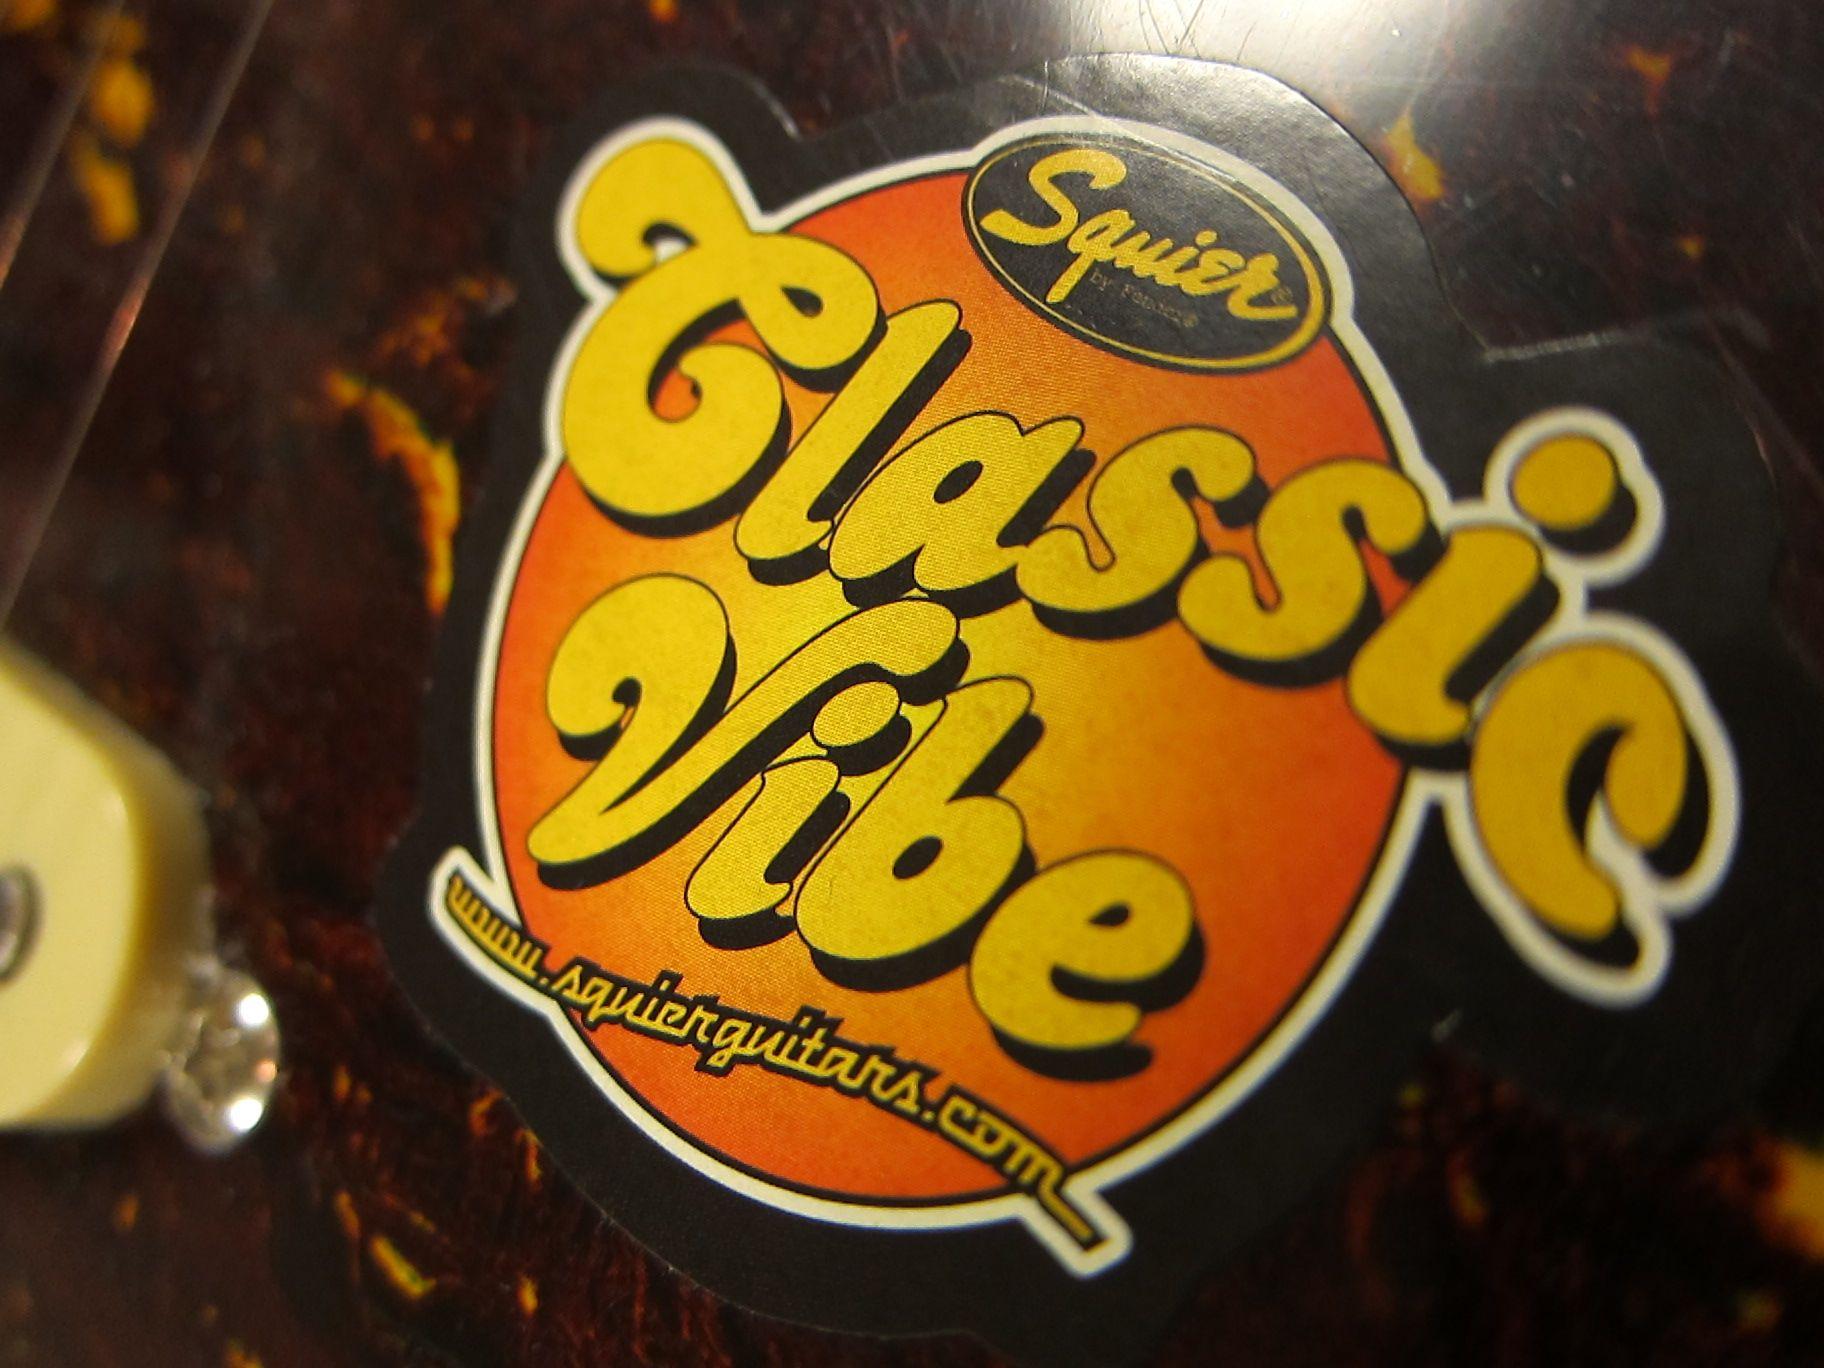 Classic Vibeのステッカー。